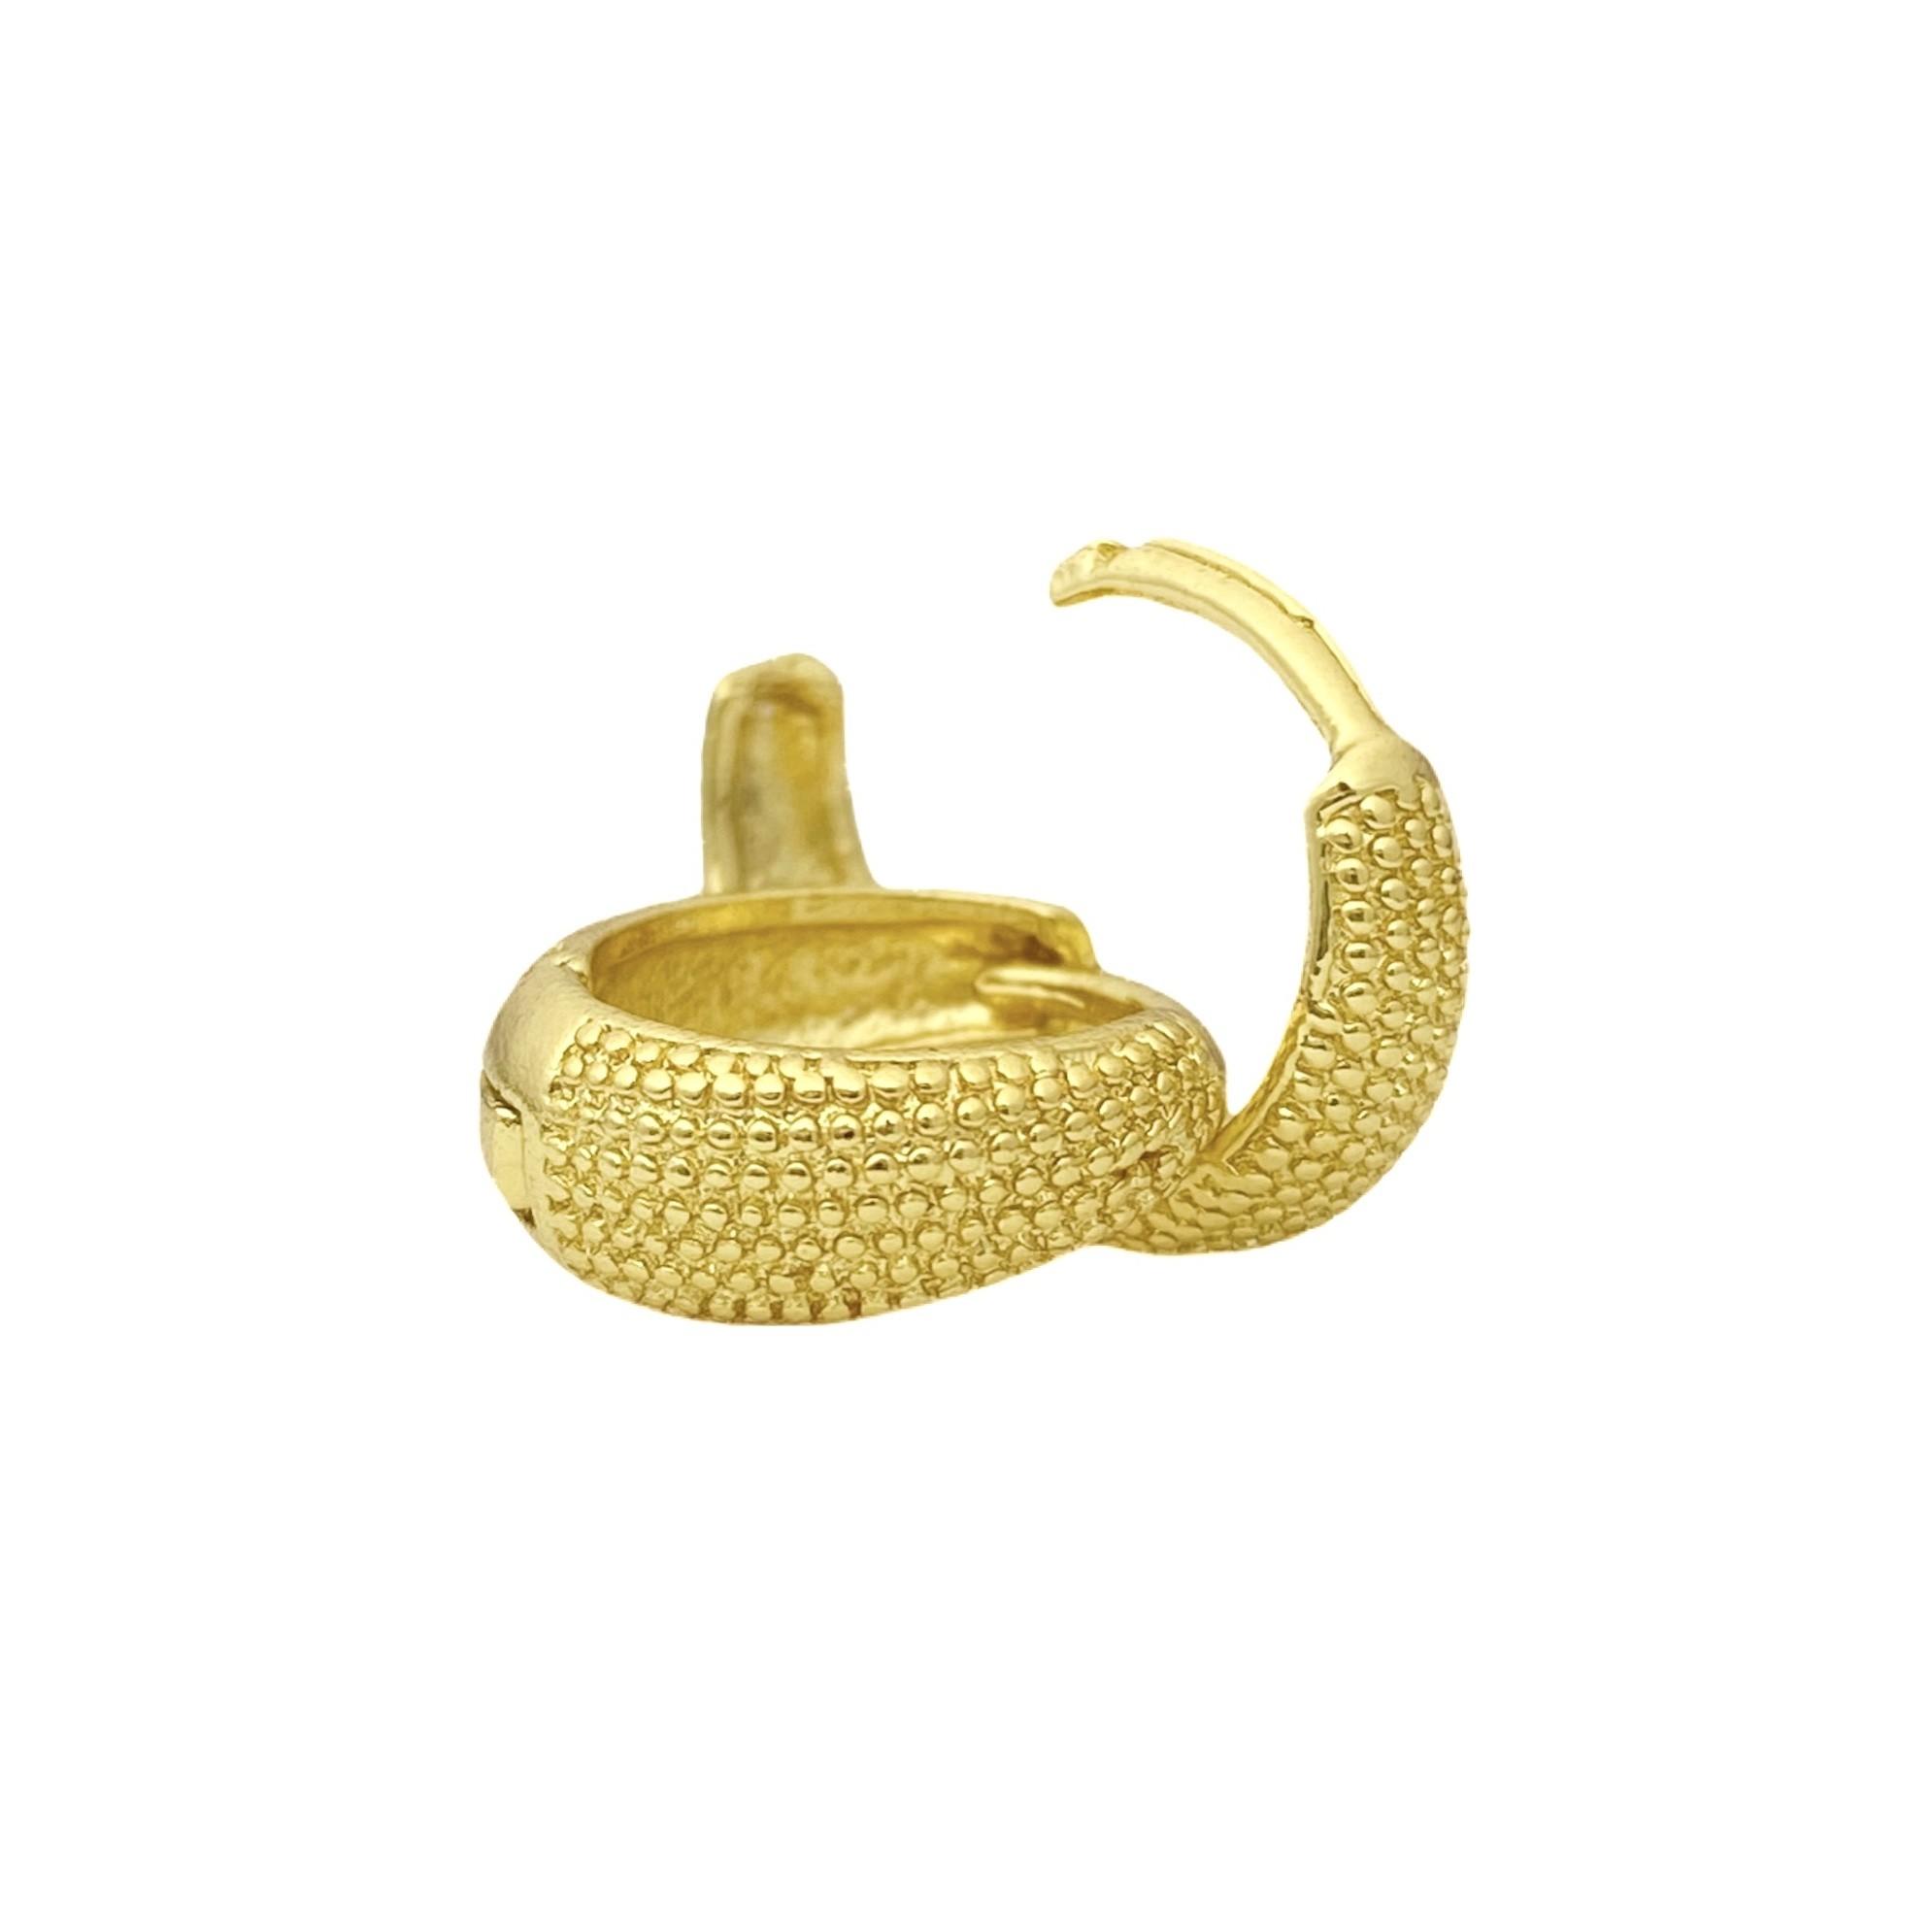 Brinco Argola Texturizado M (Banho Ouro 24k)